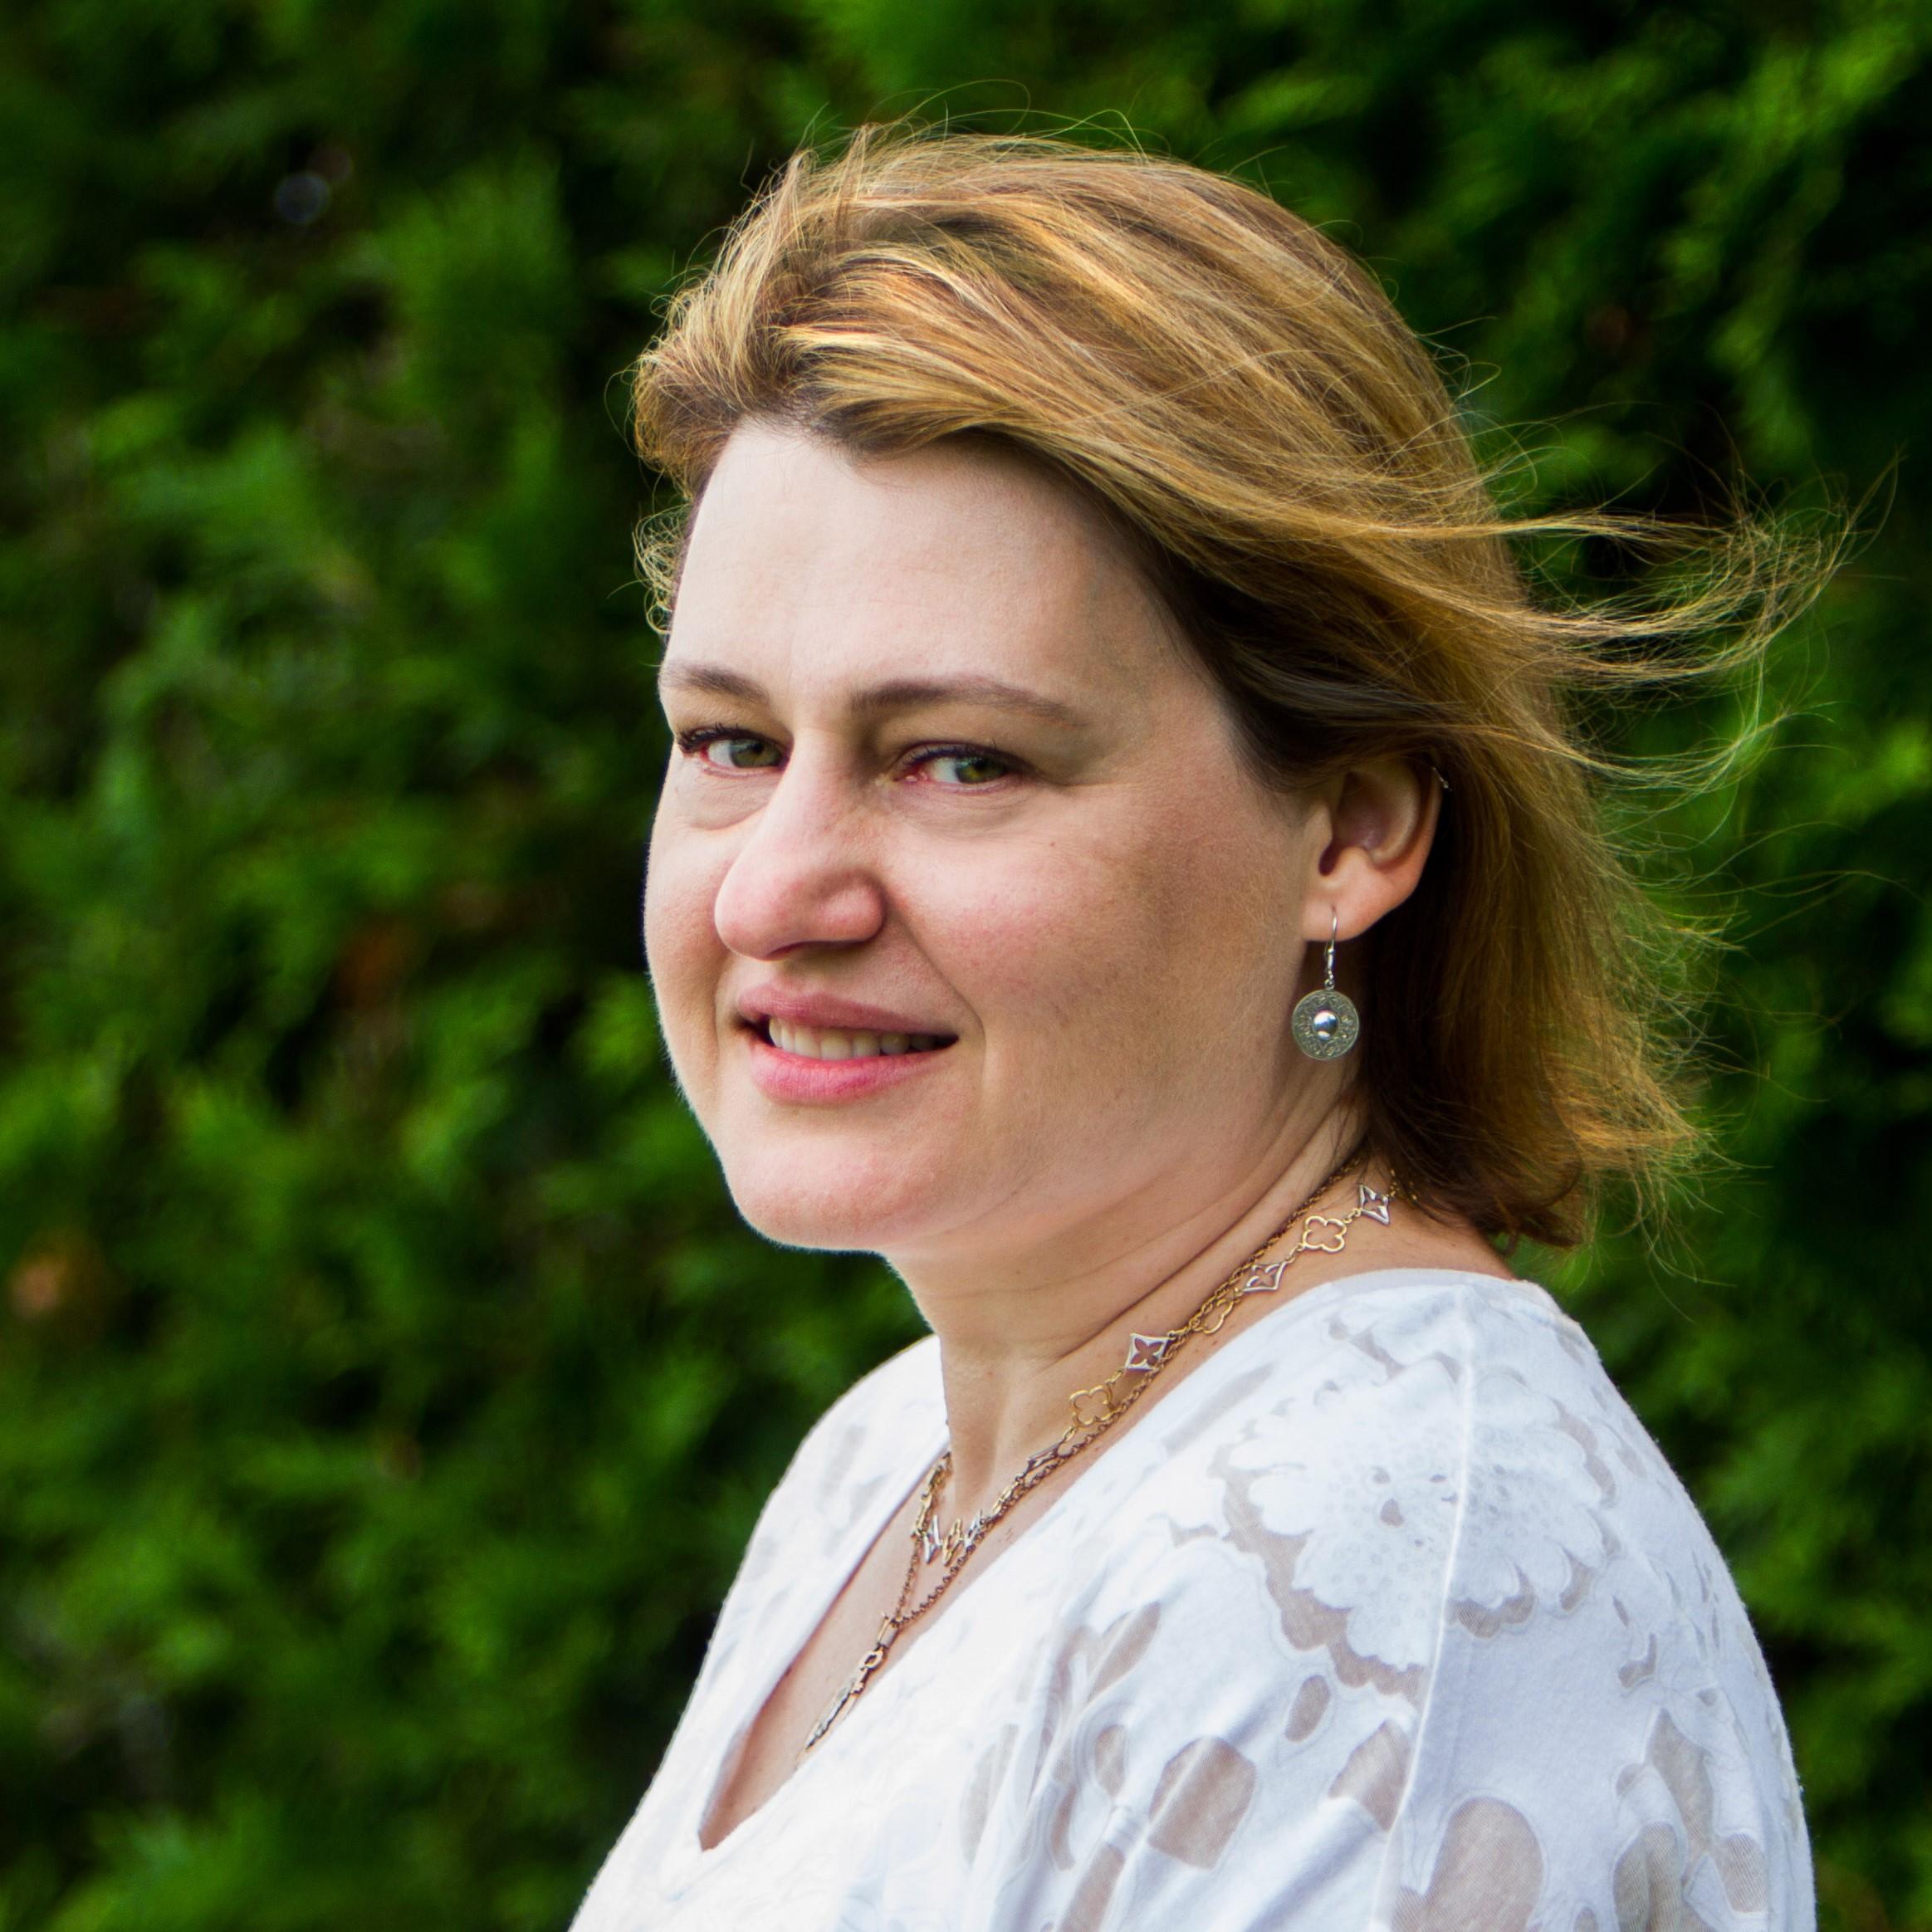 Natalie Sarkisian